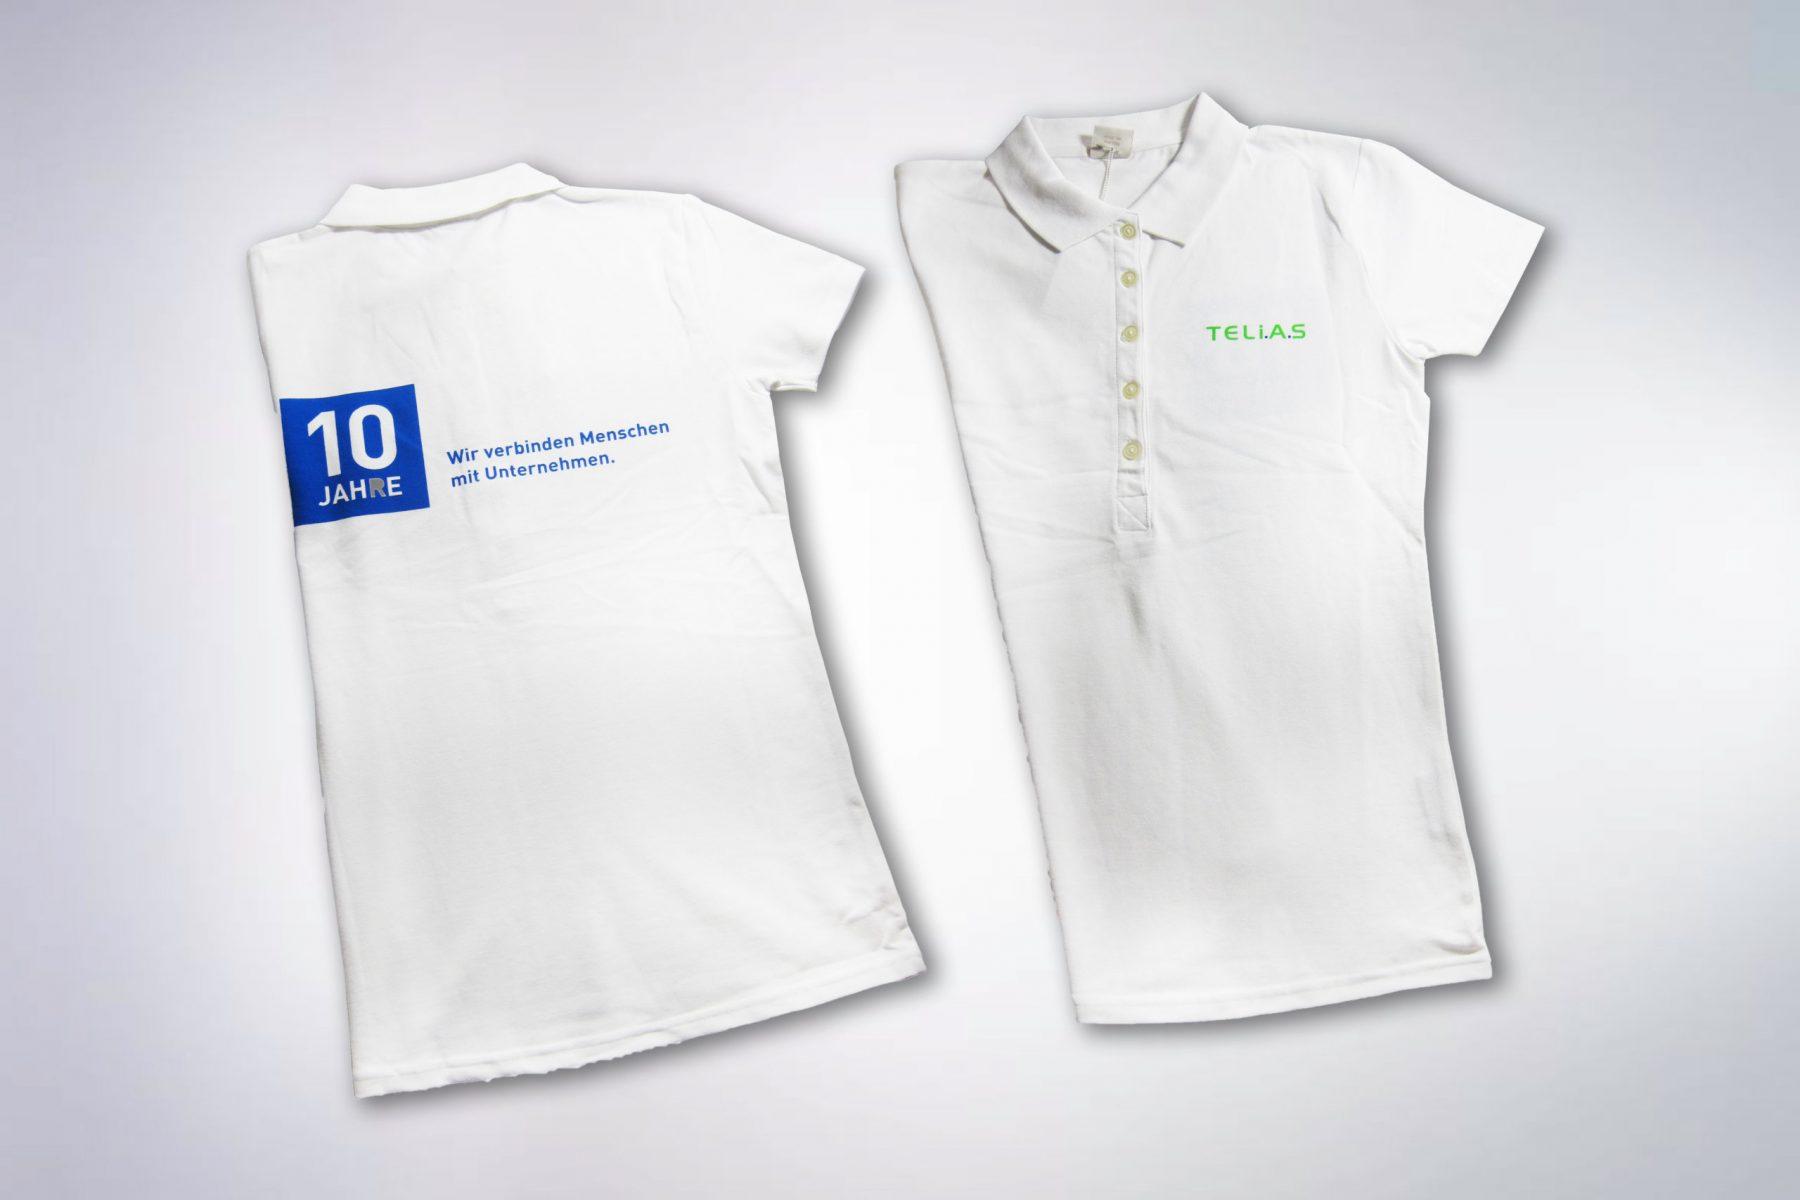 Telios-Polo-T-Shirt-scaled